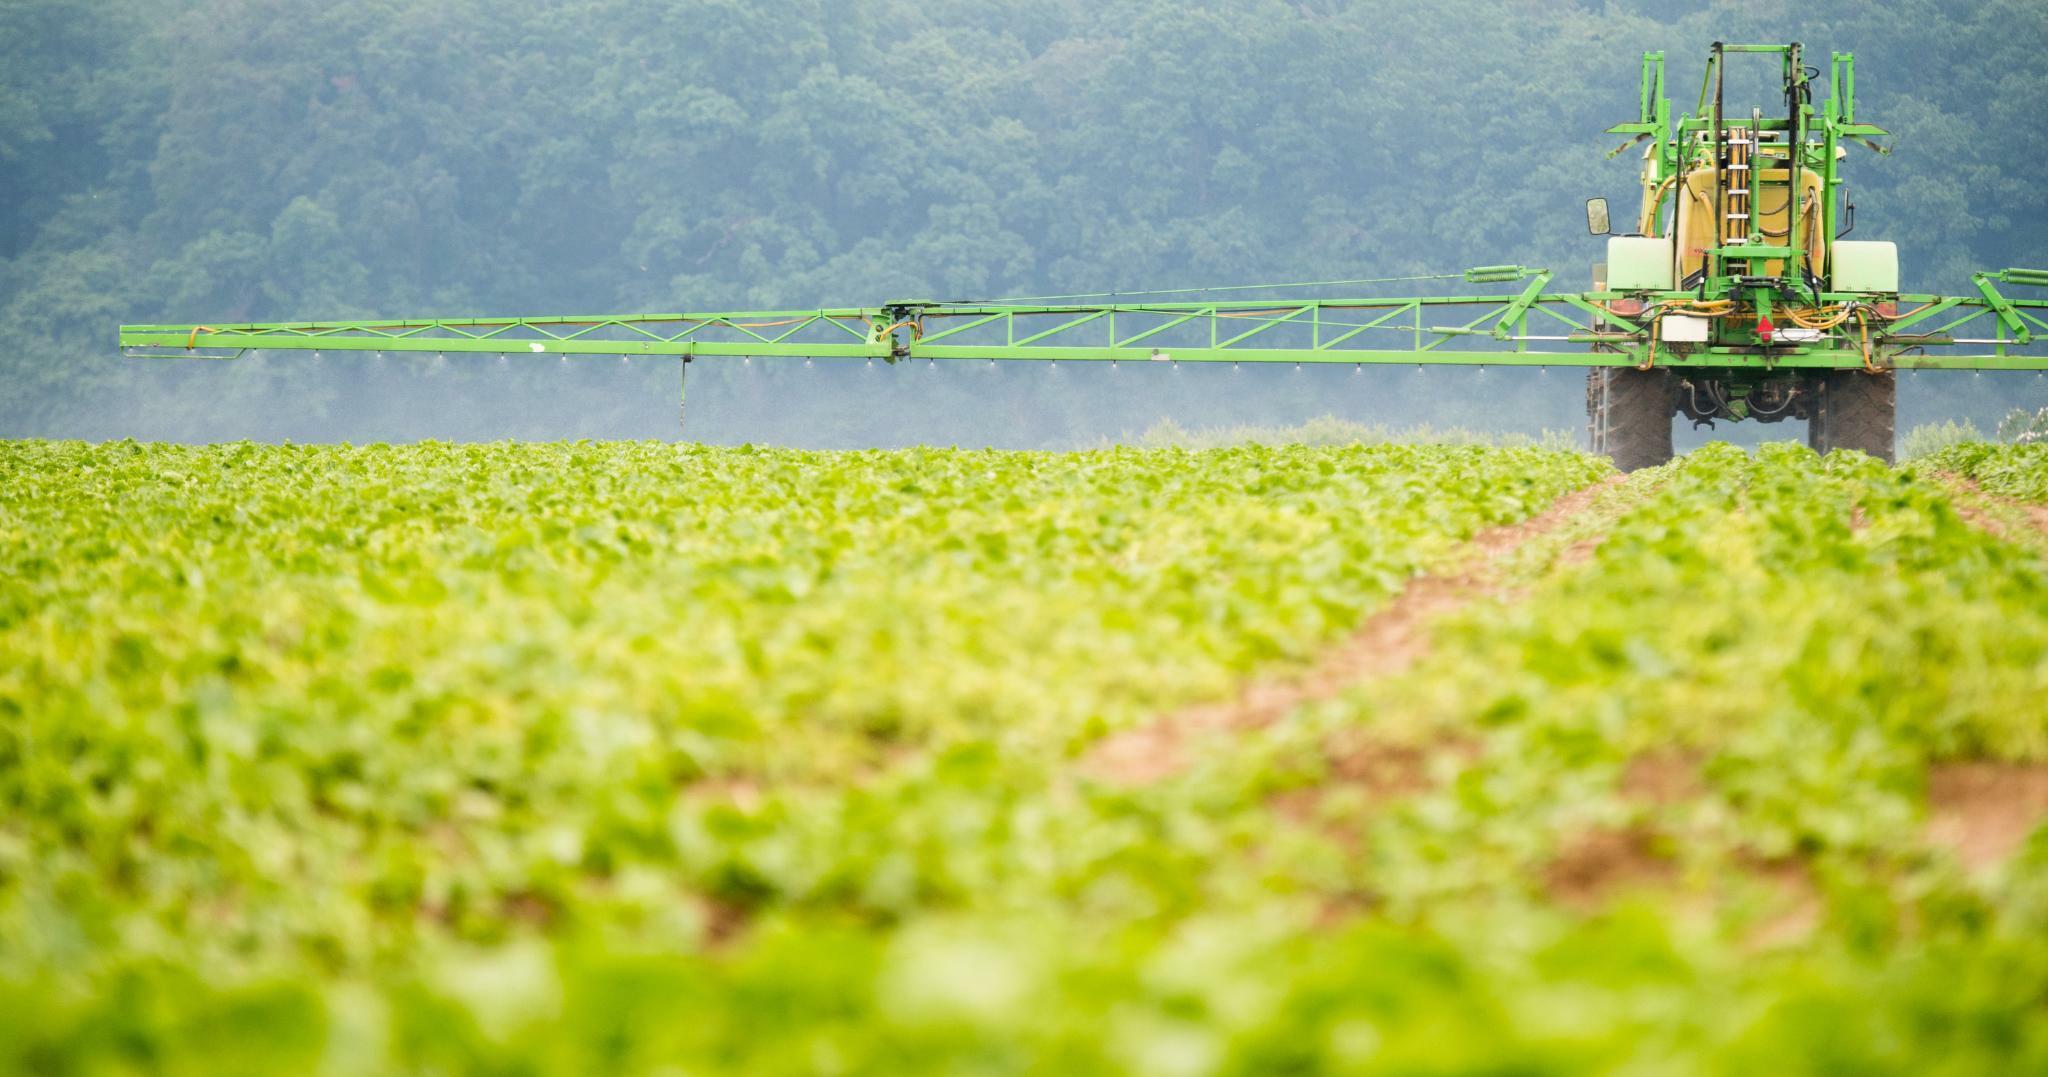 Kritik an Monsanto wegen Finanzierung von Glyphosat-Studien